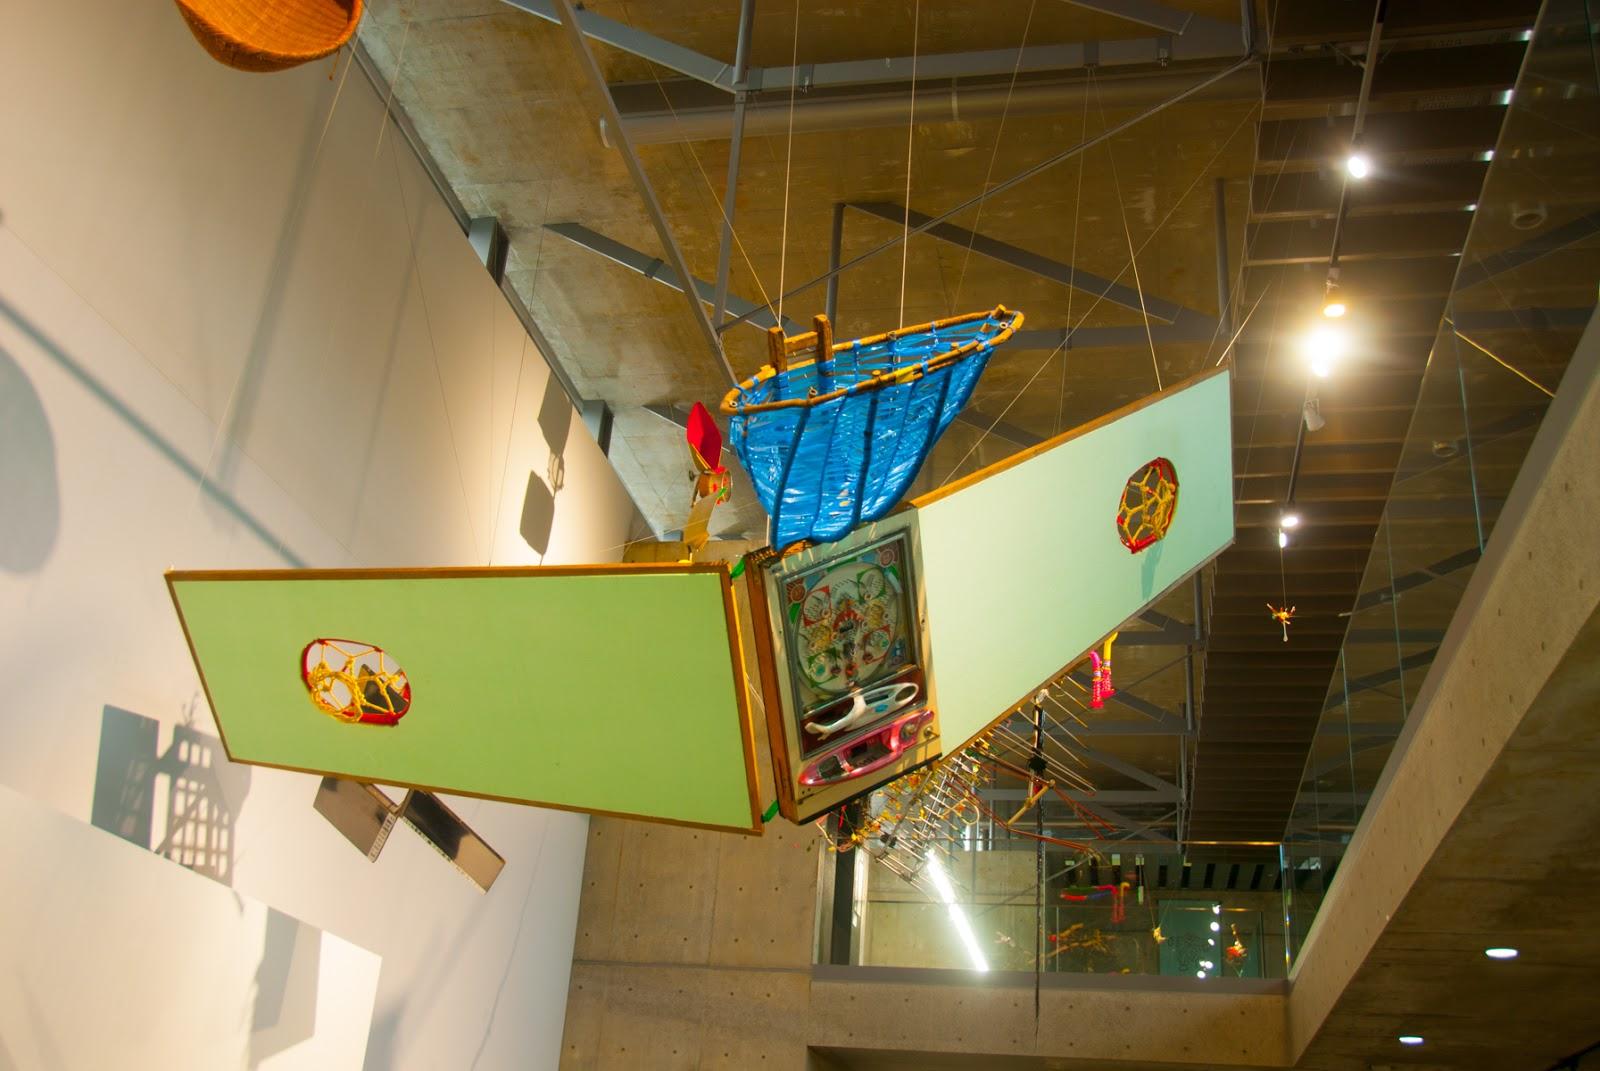 越後妻有里山現代美術館 キナーレ 展示 玉入れ